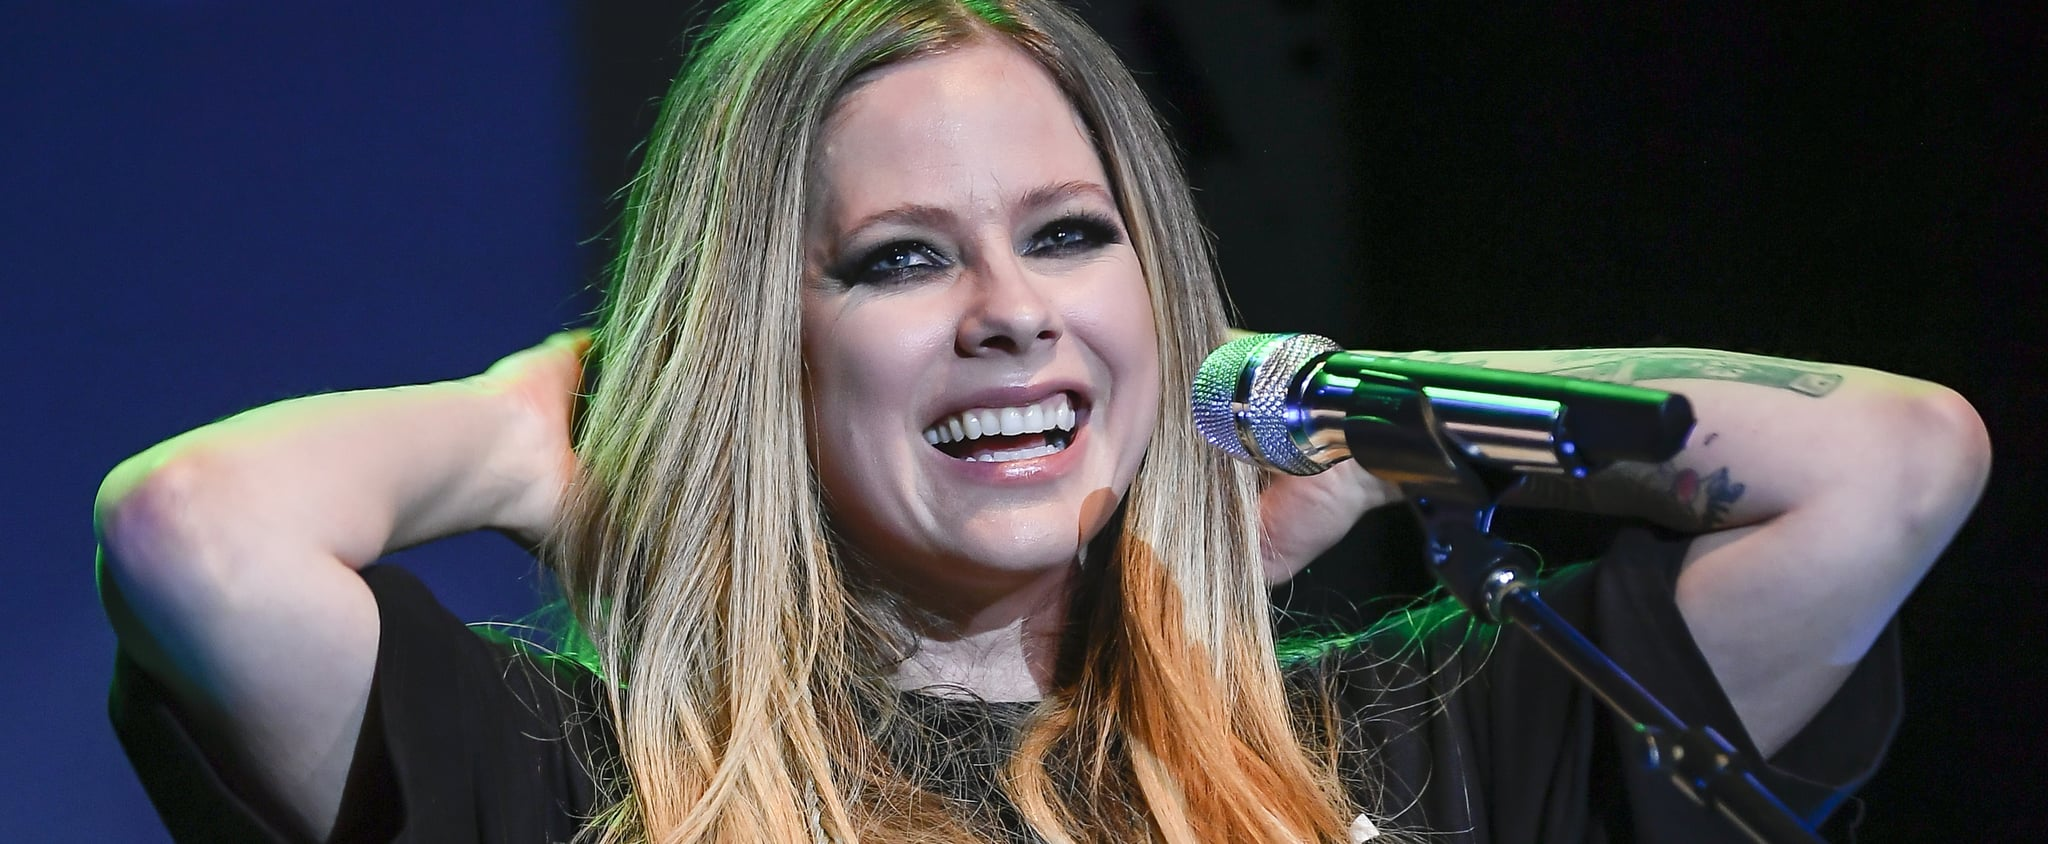 """Avril Lavigne's """"Sk8er Boi"""" TikTok Video With Tony Hawk"""